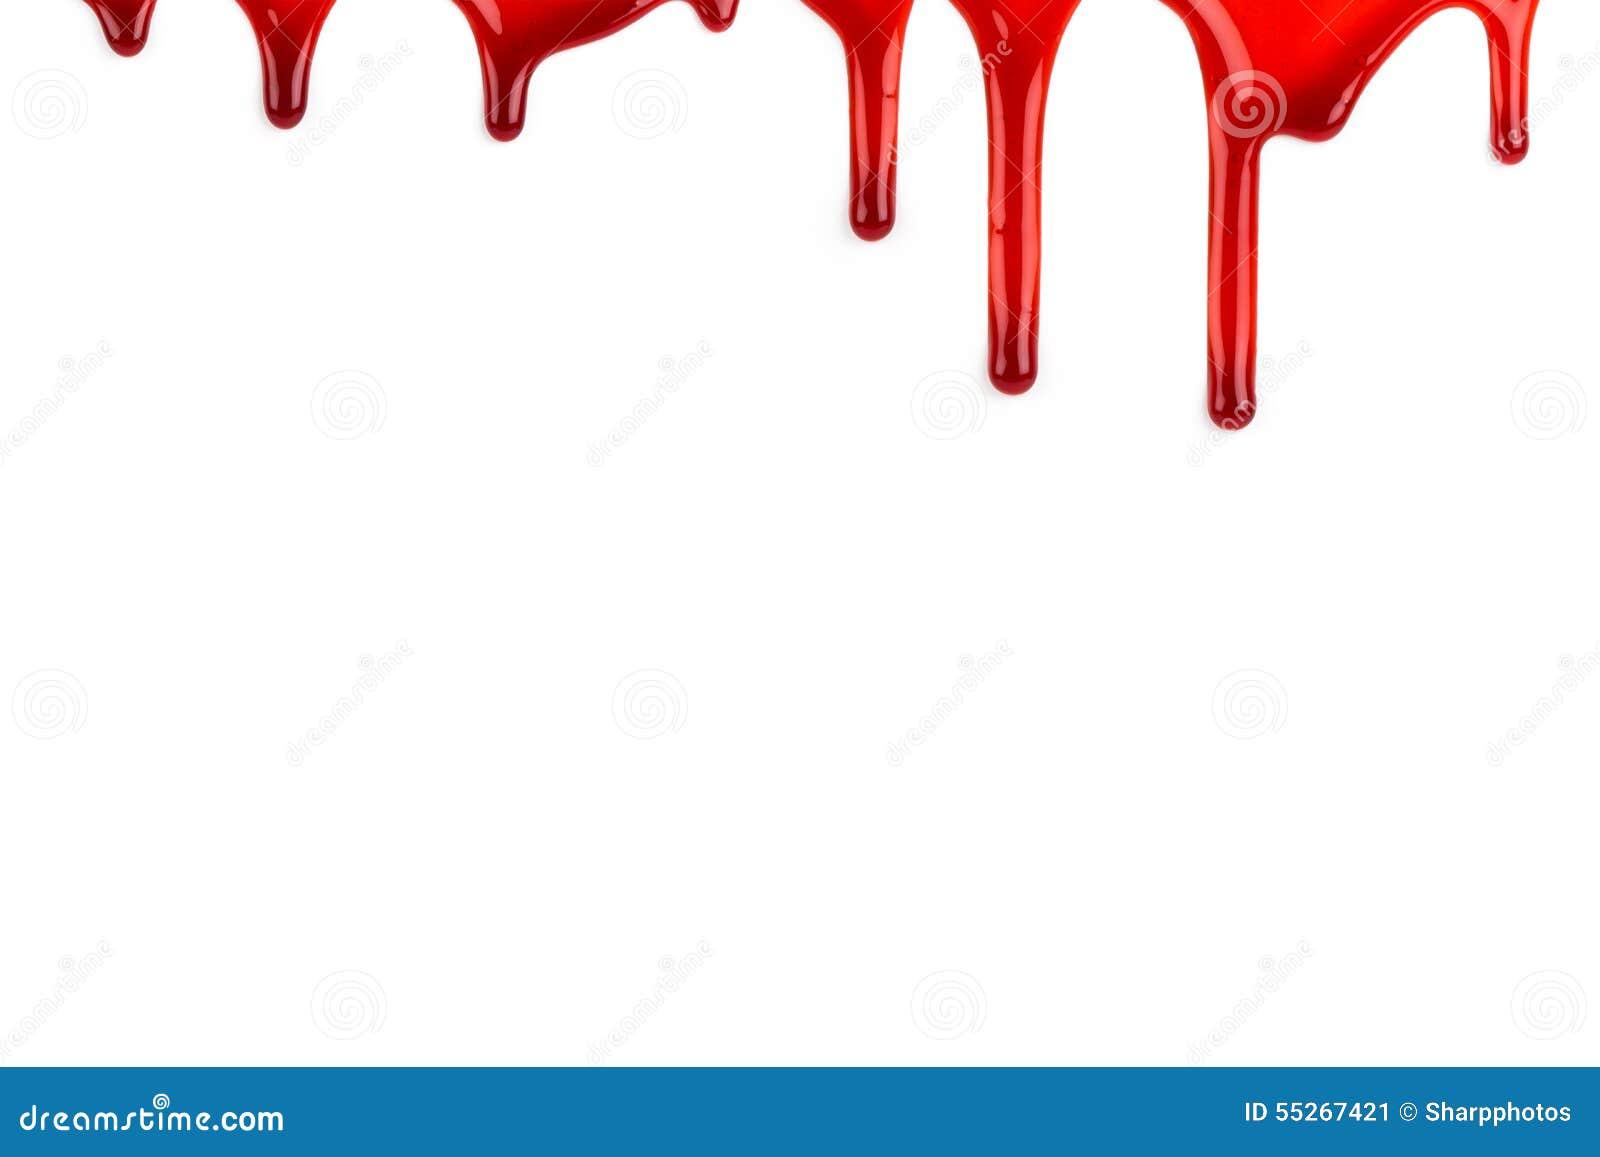 Blut sickert durch